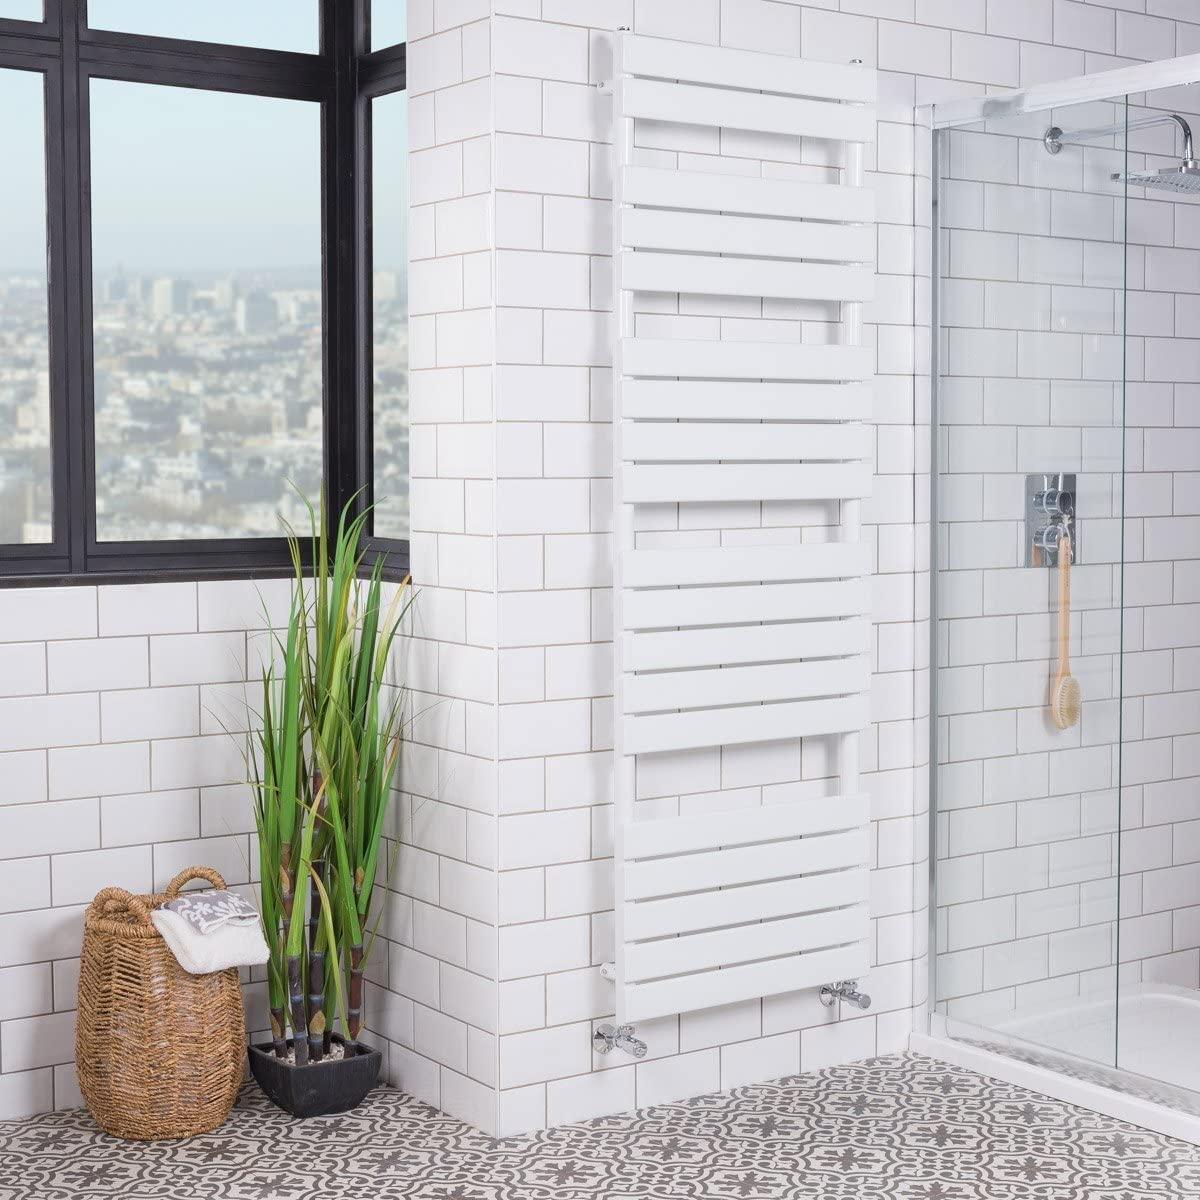 WarmeHaus Designer Minimalista Baño Escalera de radiador con riel de toalla calefaccionado con panel plano